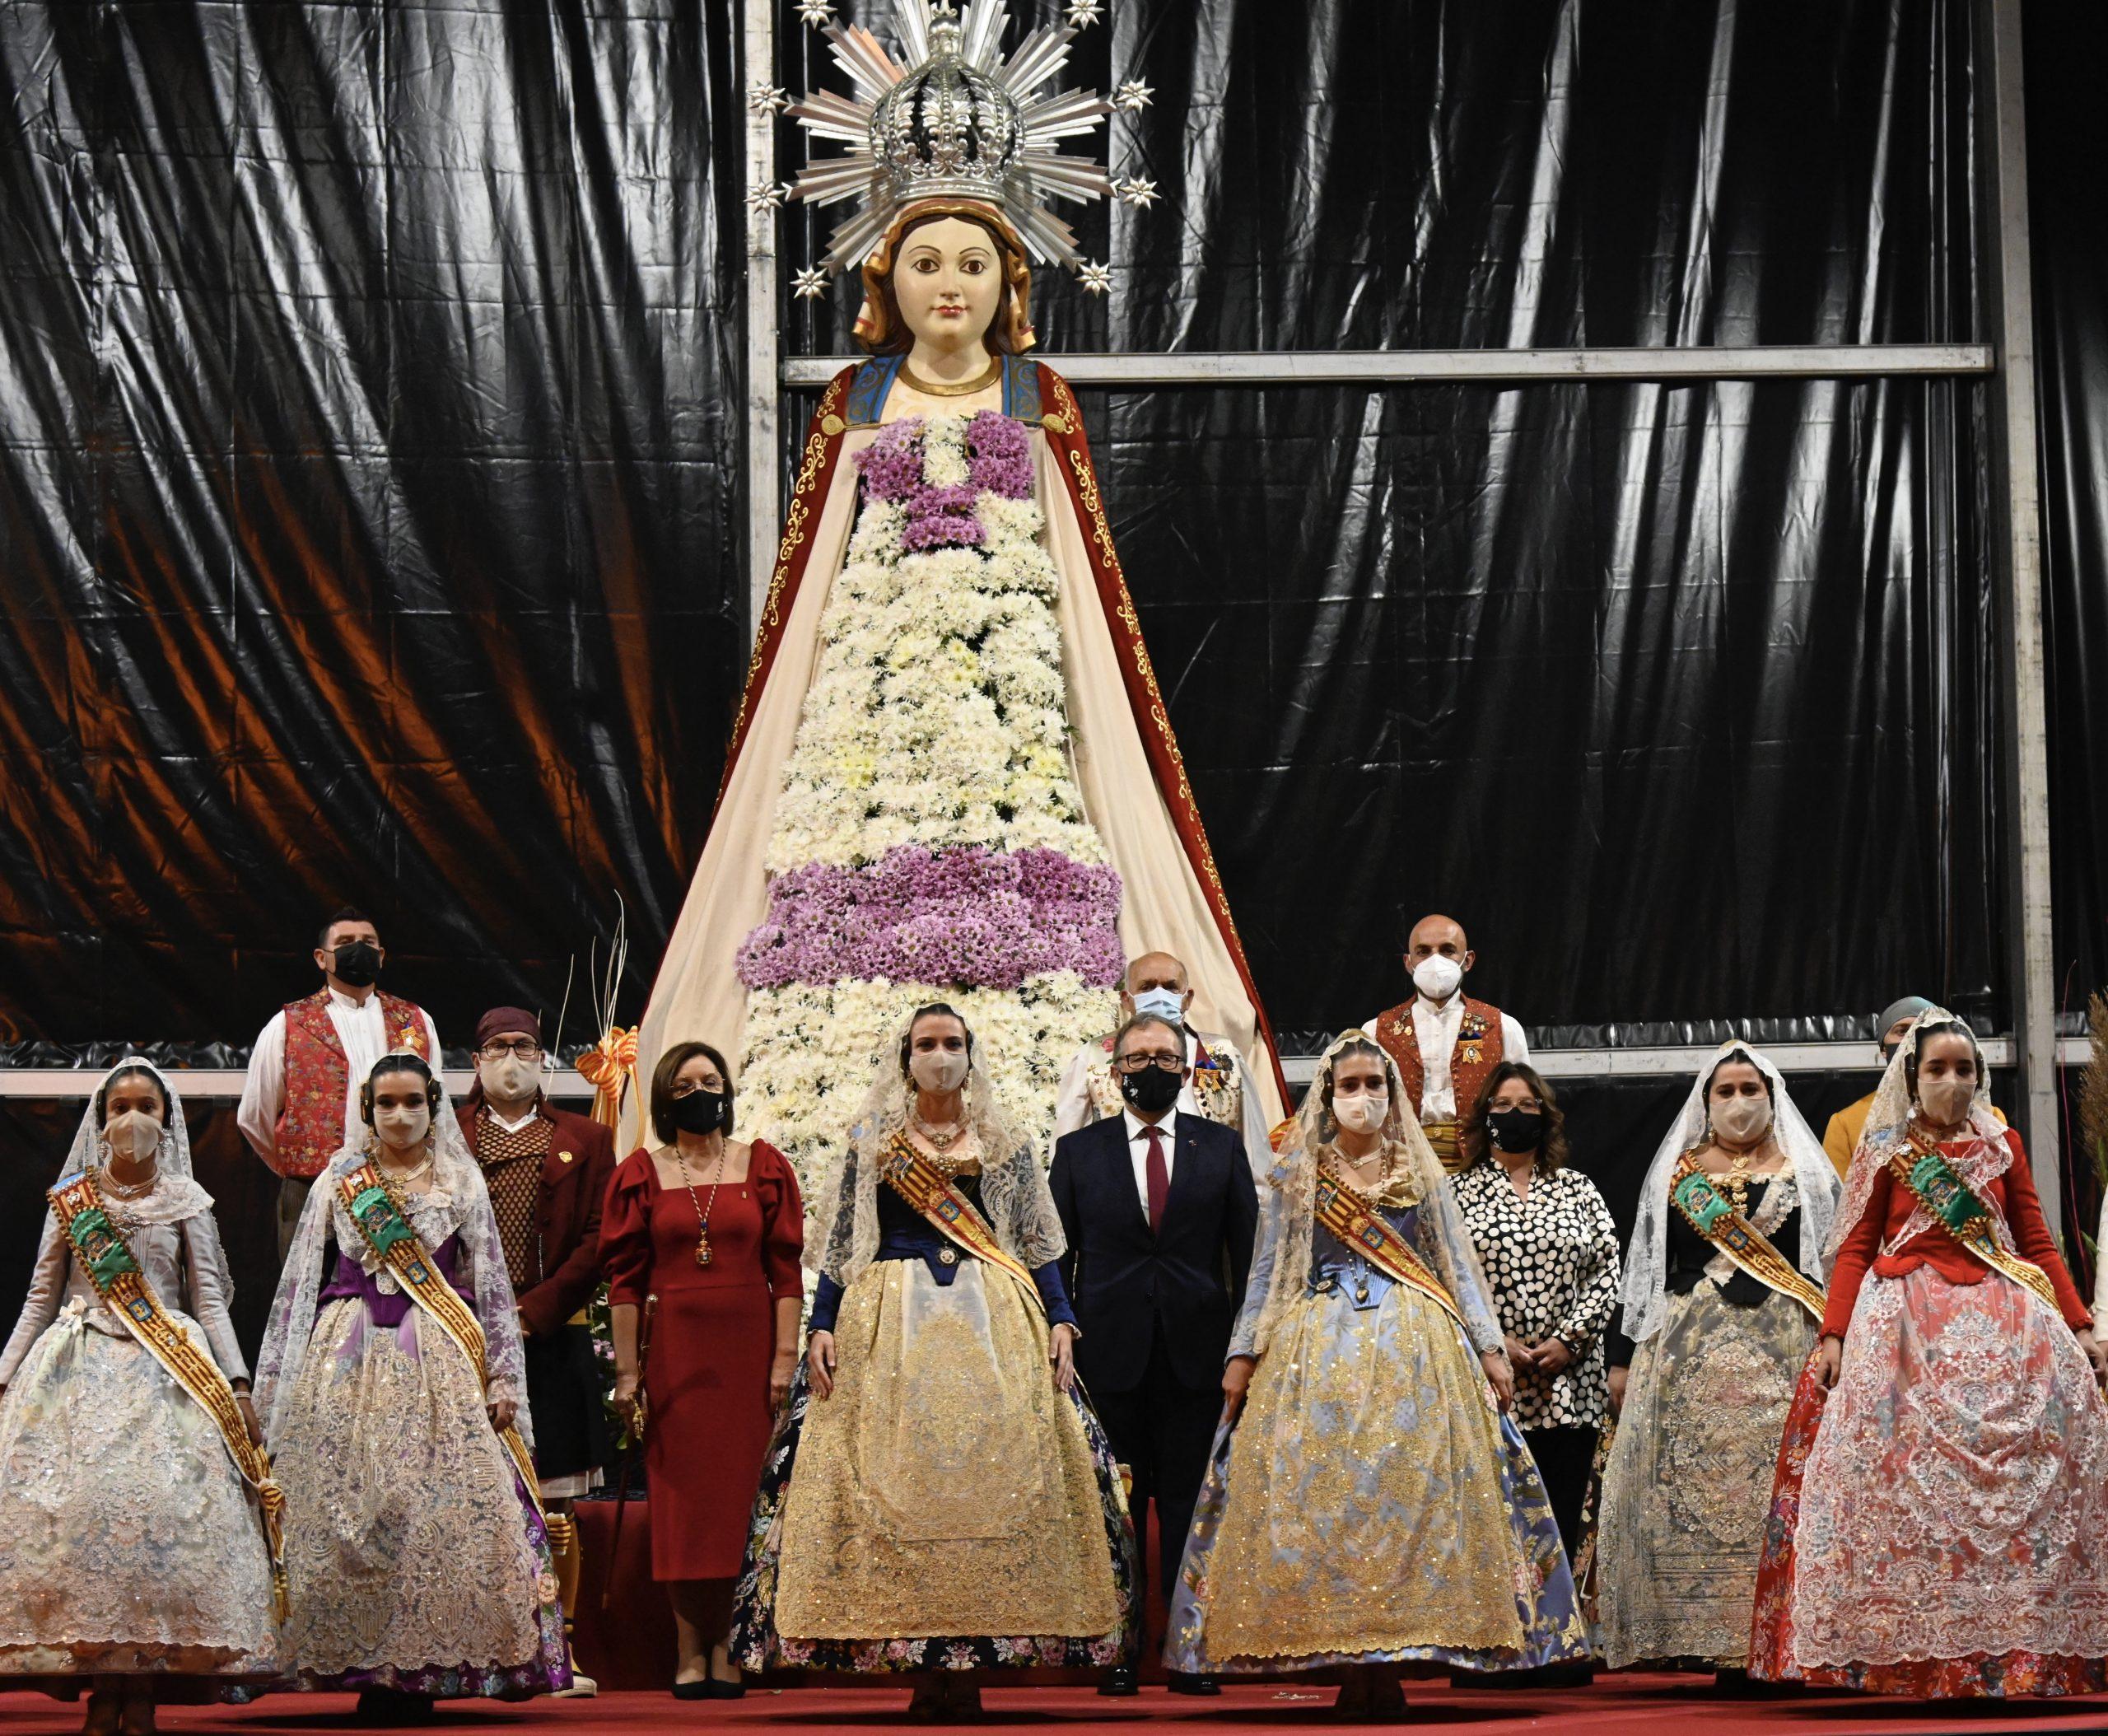 La Diputación extiende la mano al mundo fallero de Benicarló y Borriana y colabora en la reactivación de las fiestas con 55 mil euros